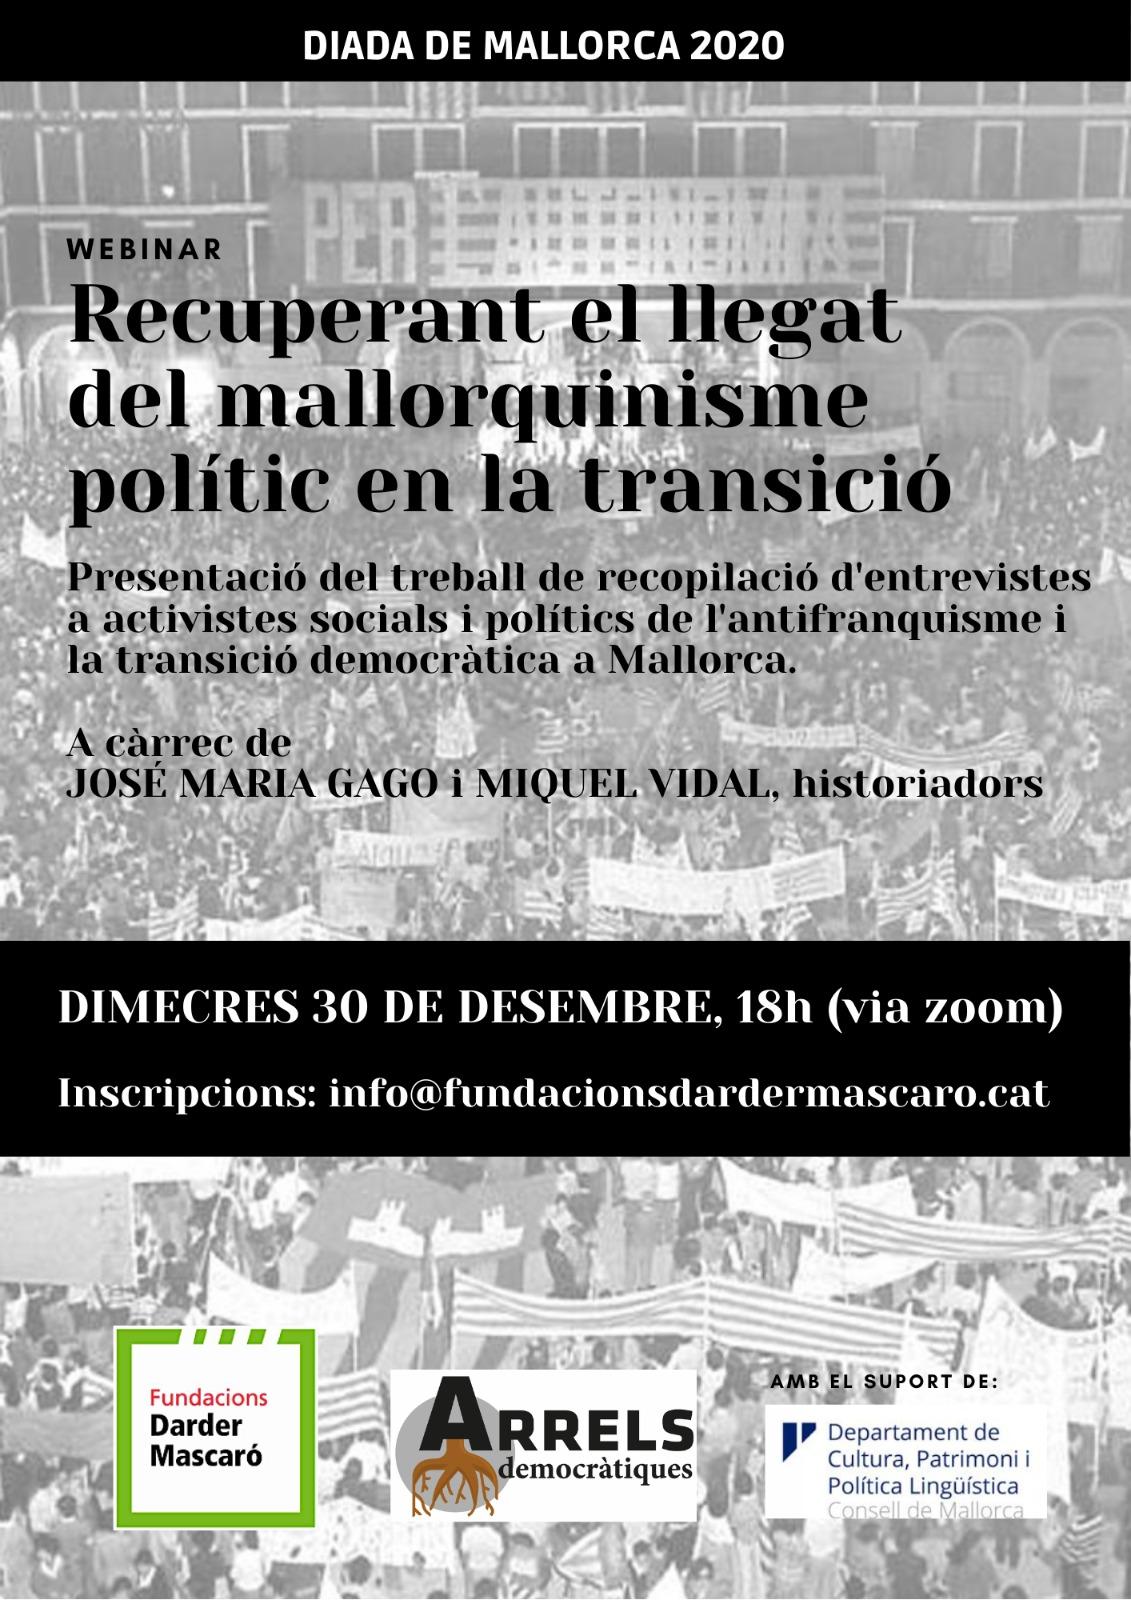 Presentació del projecte de recuperació del mallorquinisme polític a la Transició a través de fonts orals